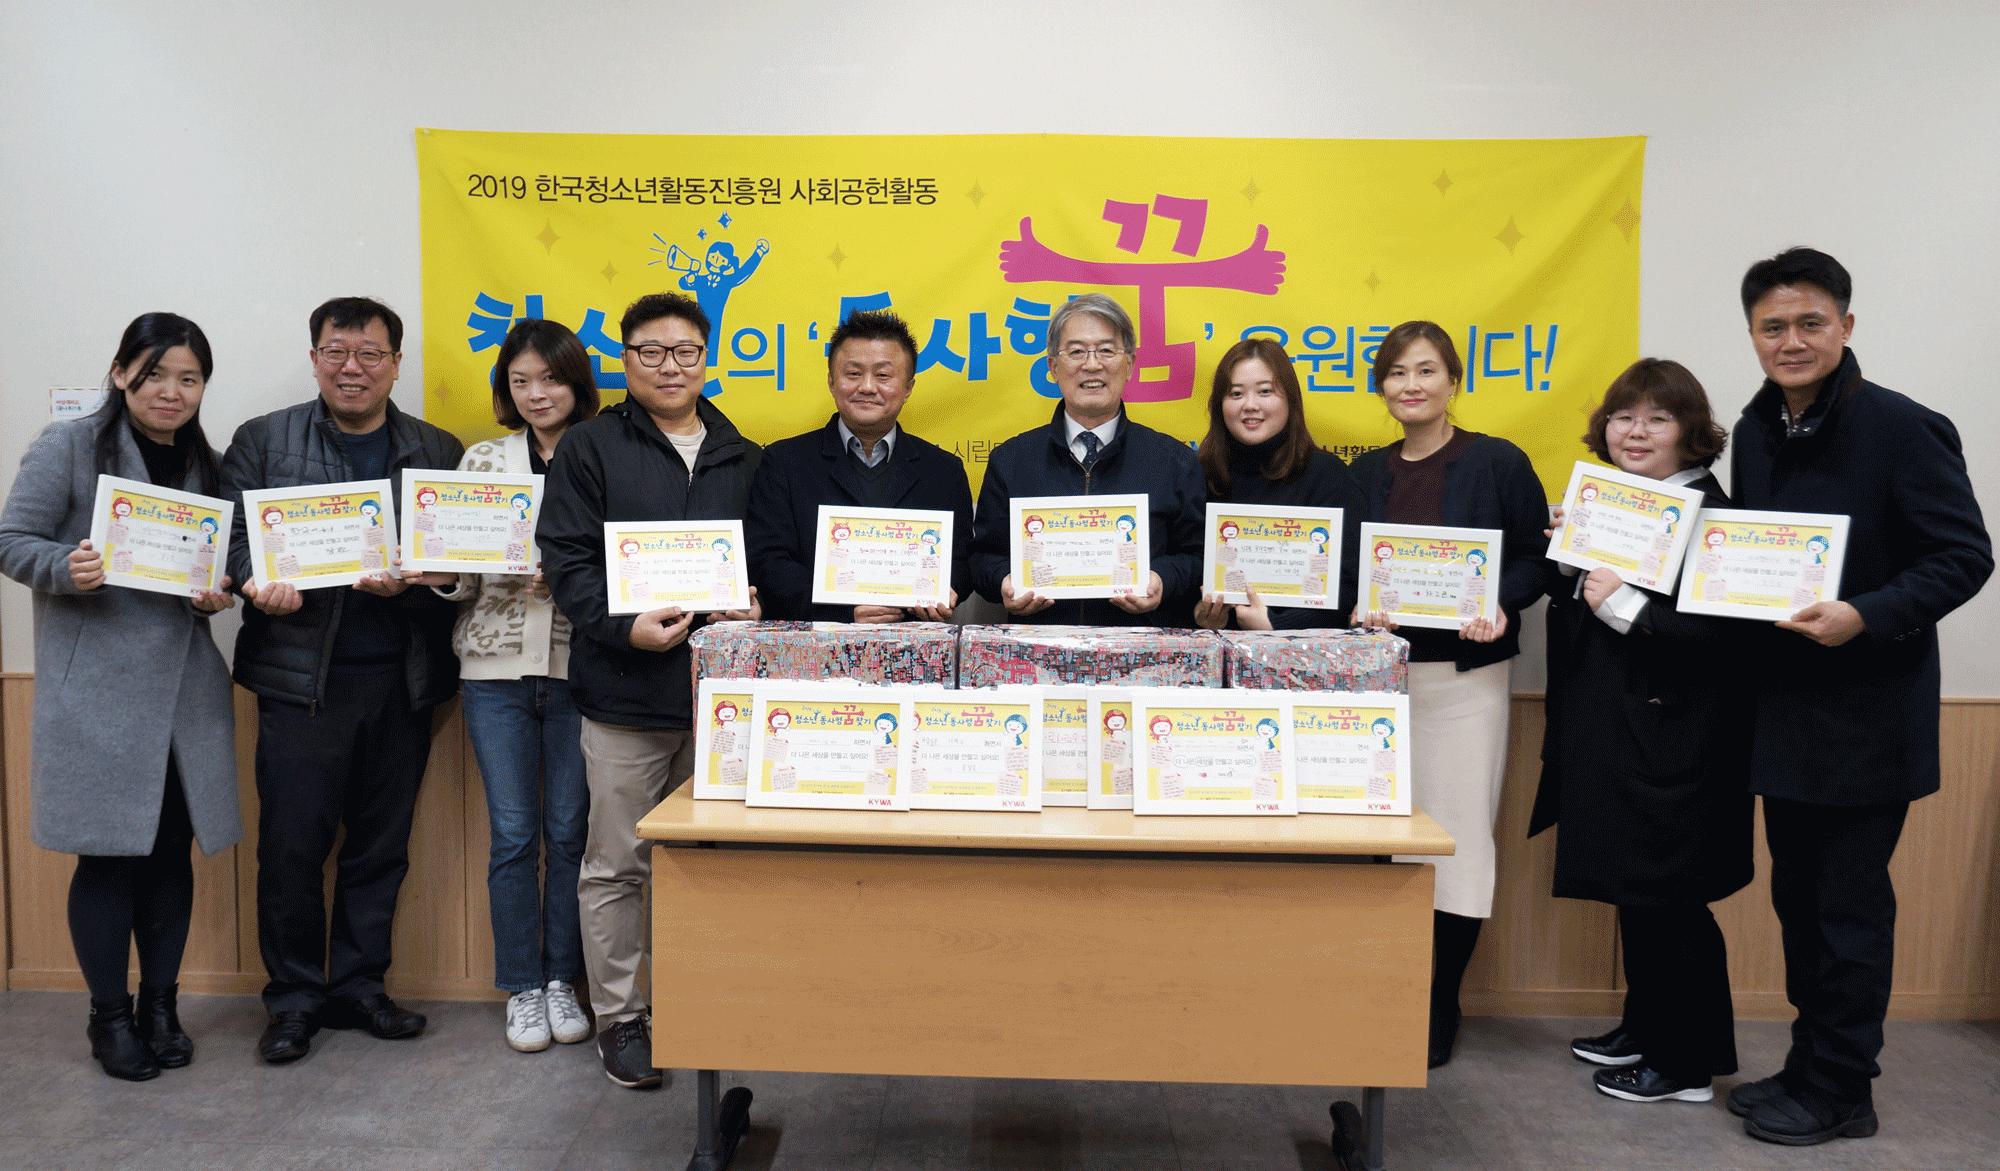 한국청소년활동진흥원 사회공헌활동입니다.  청소년의 '동사형 꿈'을 응원합니다!